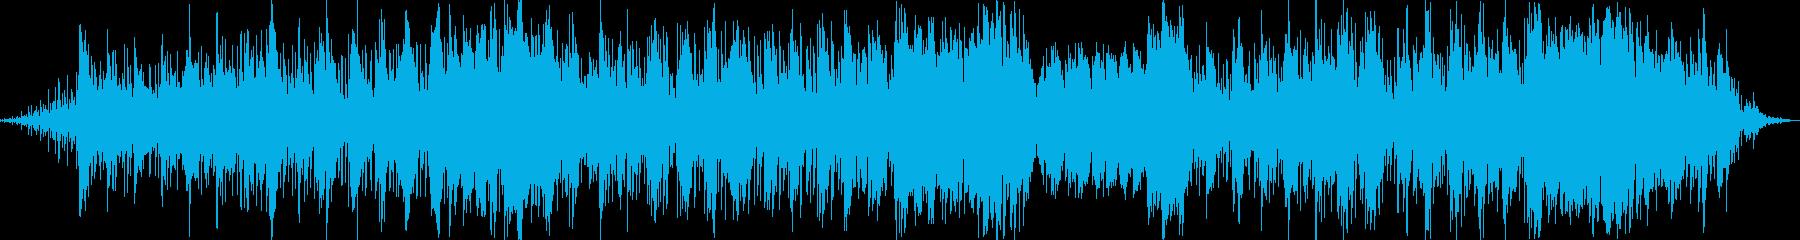 魅惑的なイージーリスニング曲の再生済みの波形